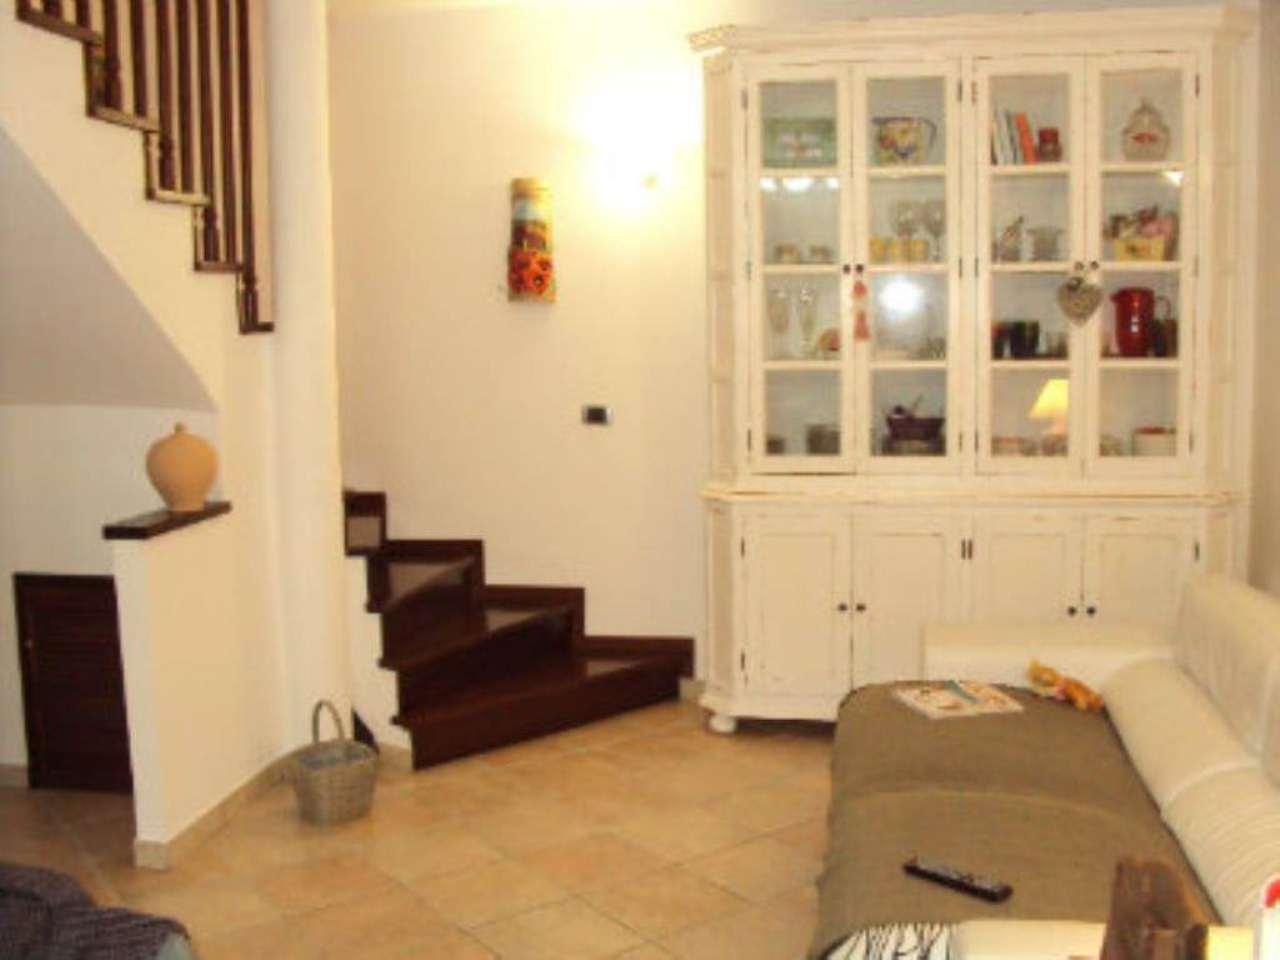 Palazzo / Stabile in vendita a Agugliano, 3 locali, prezzo € 120.000 | Cambio Casa.it